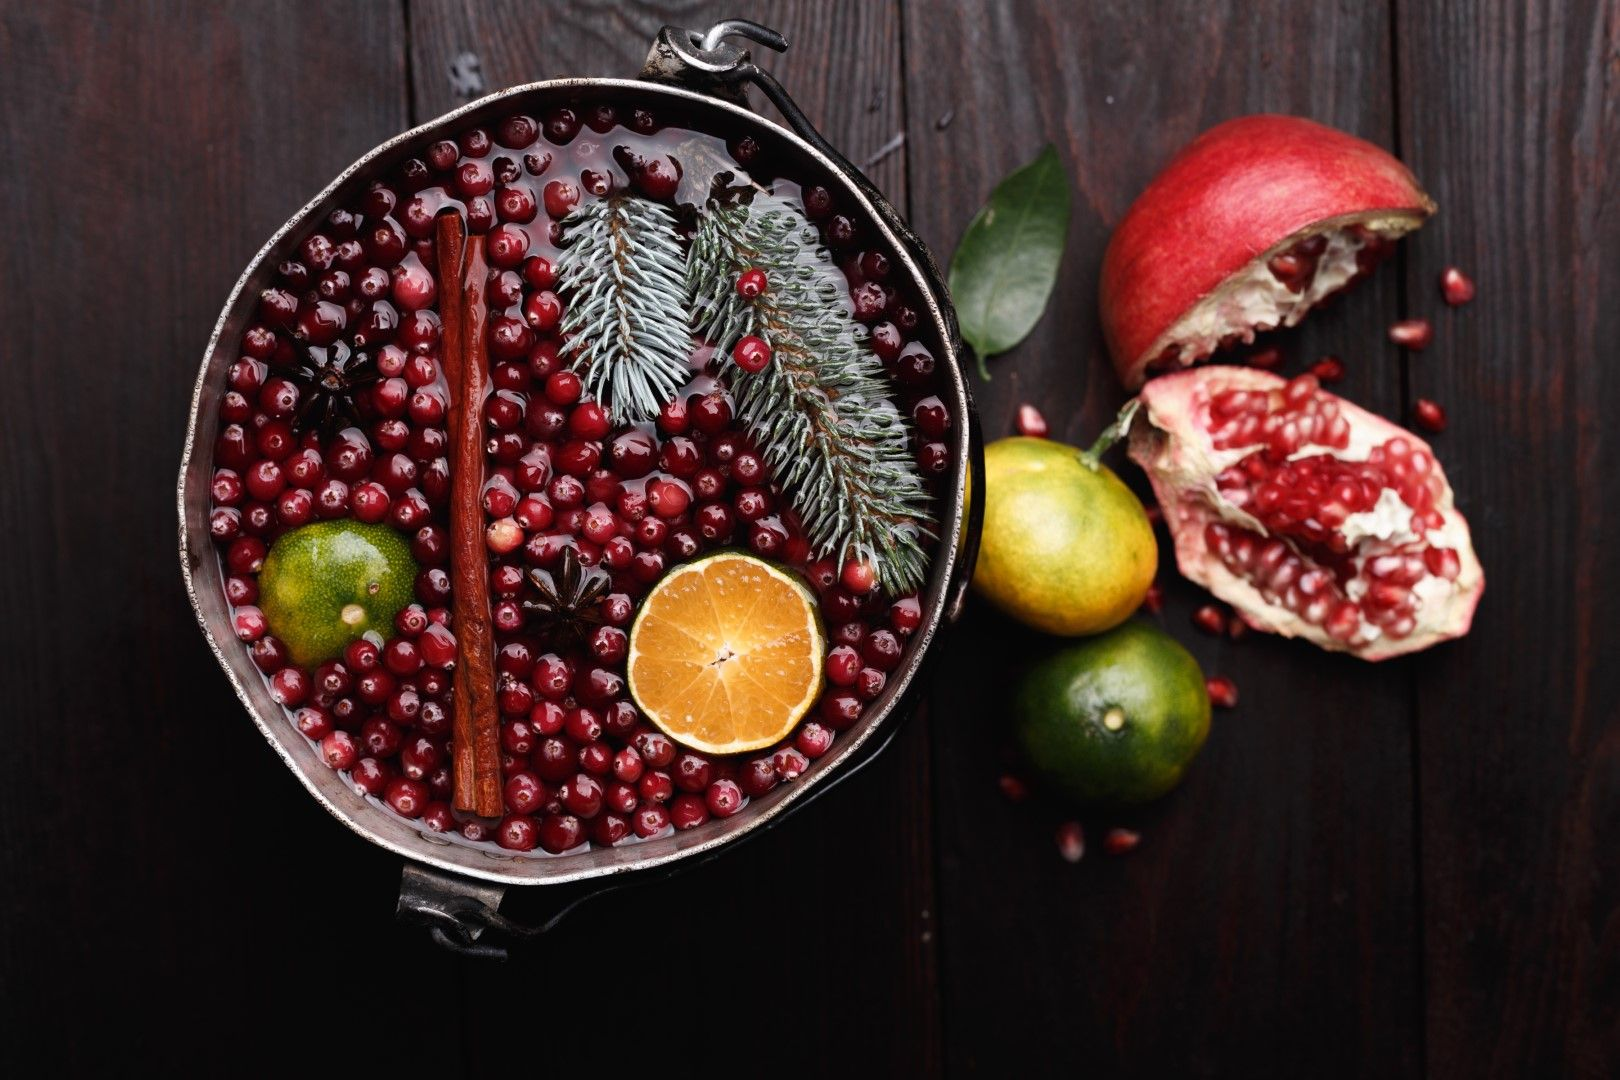 מיץ רימונים בקוקטיילים ופונצ'ים